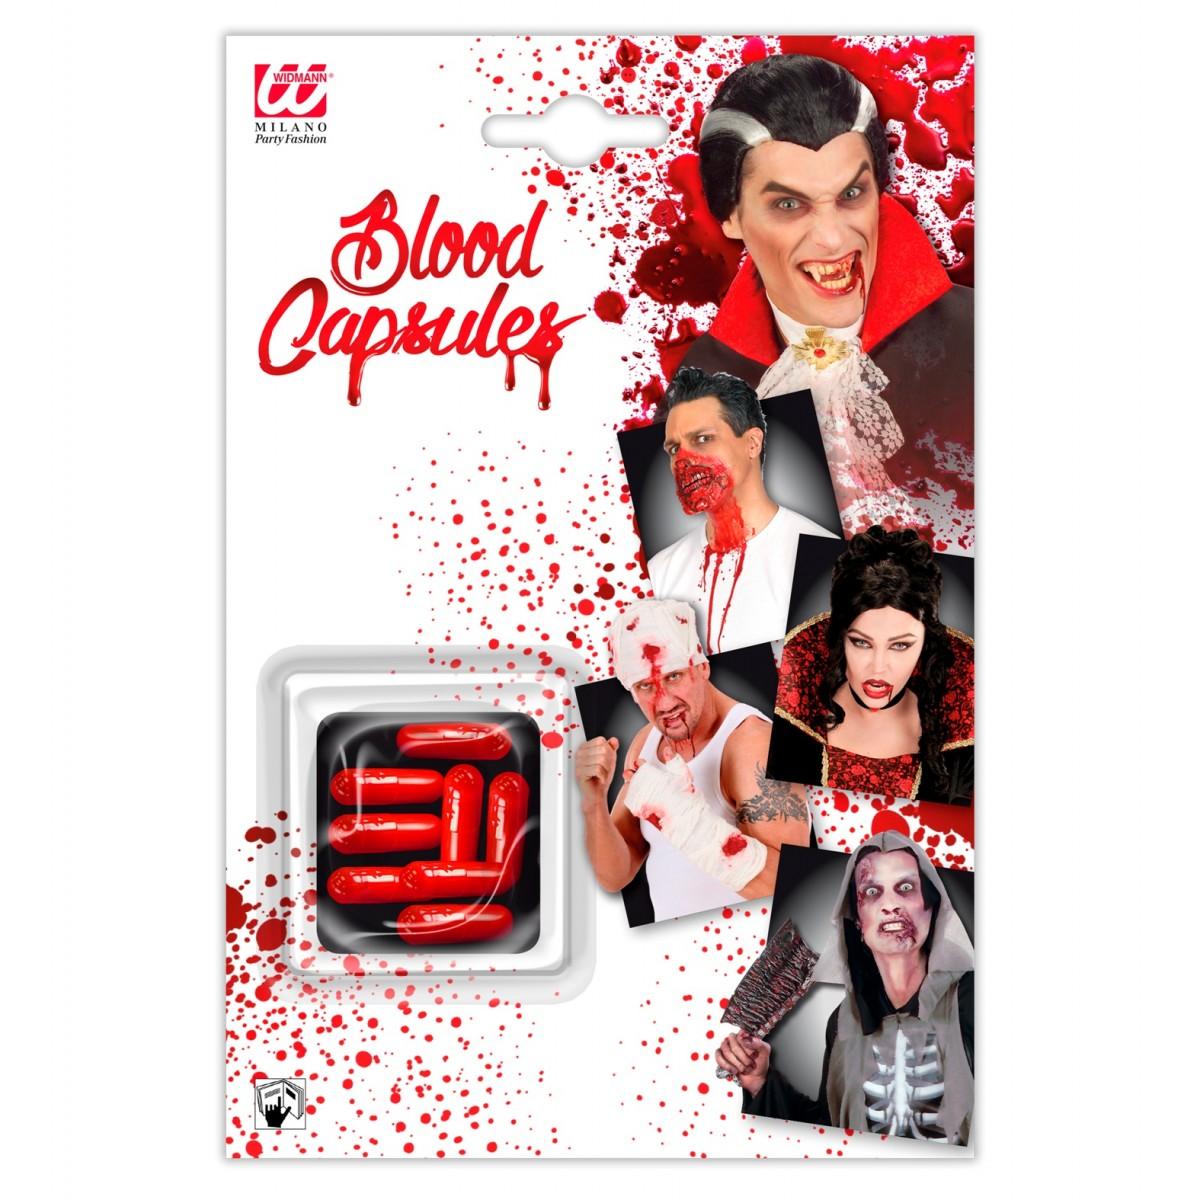 Set di 8 capsule sangue